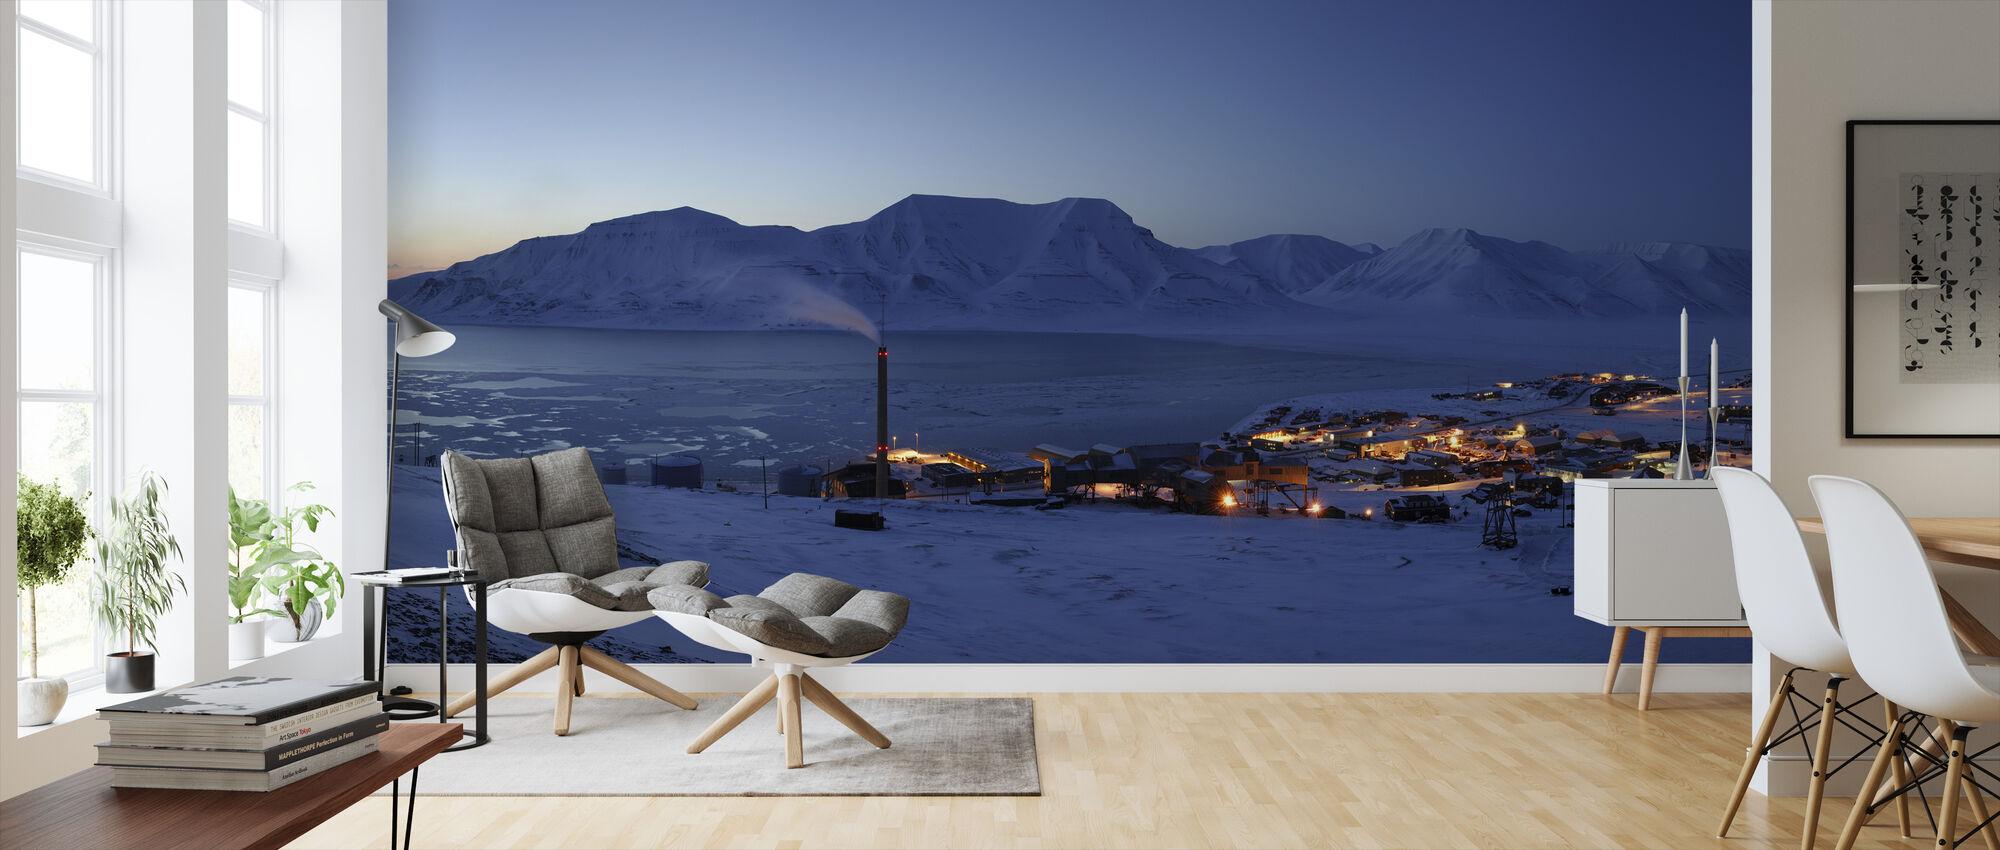 Longyearbyen by Night, Svalbard II - Wallpaper - Living Room